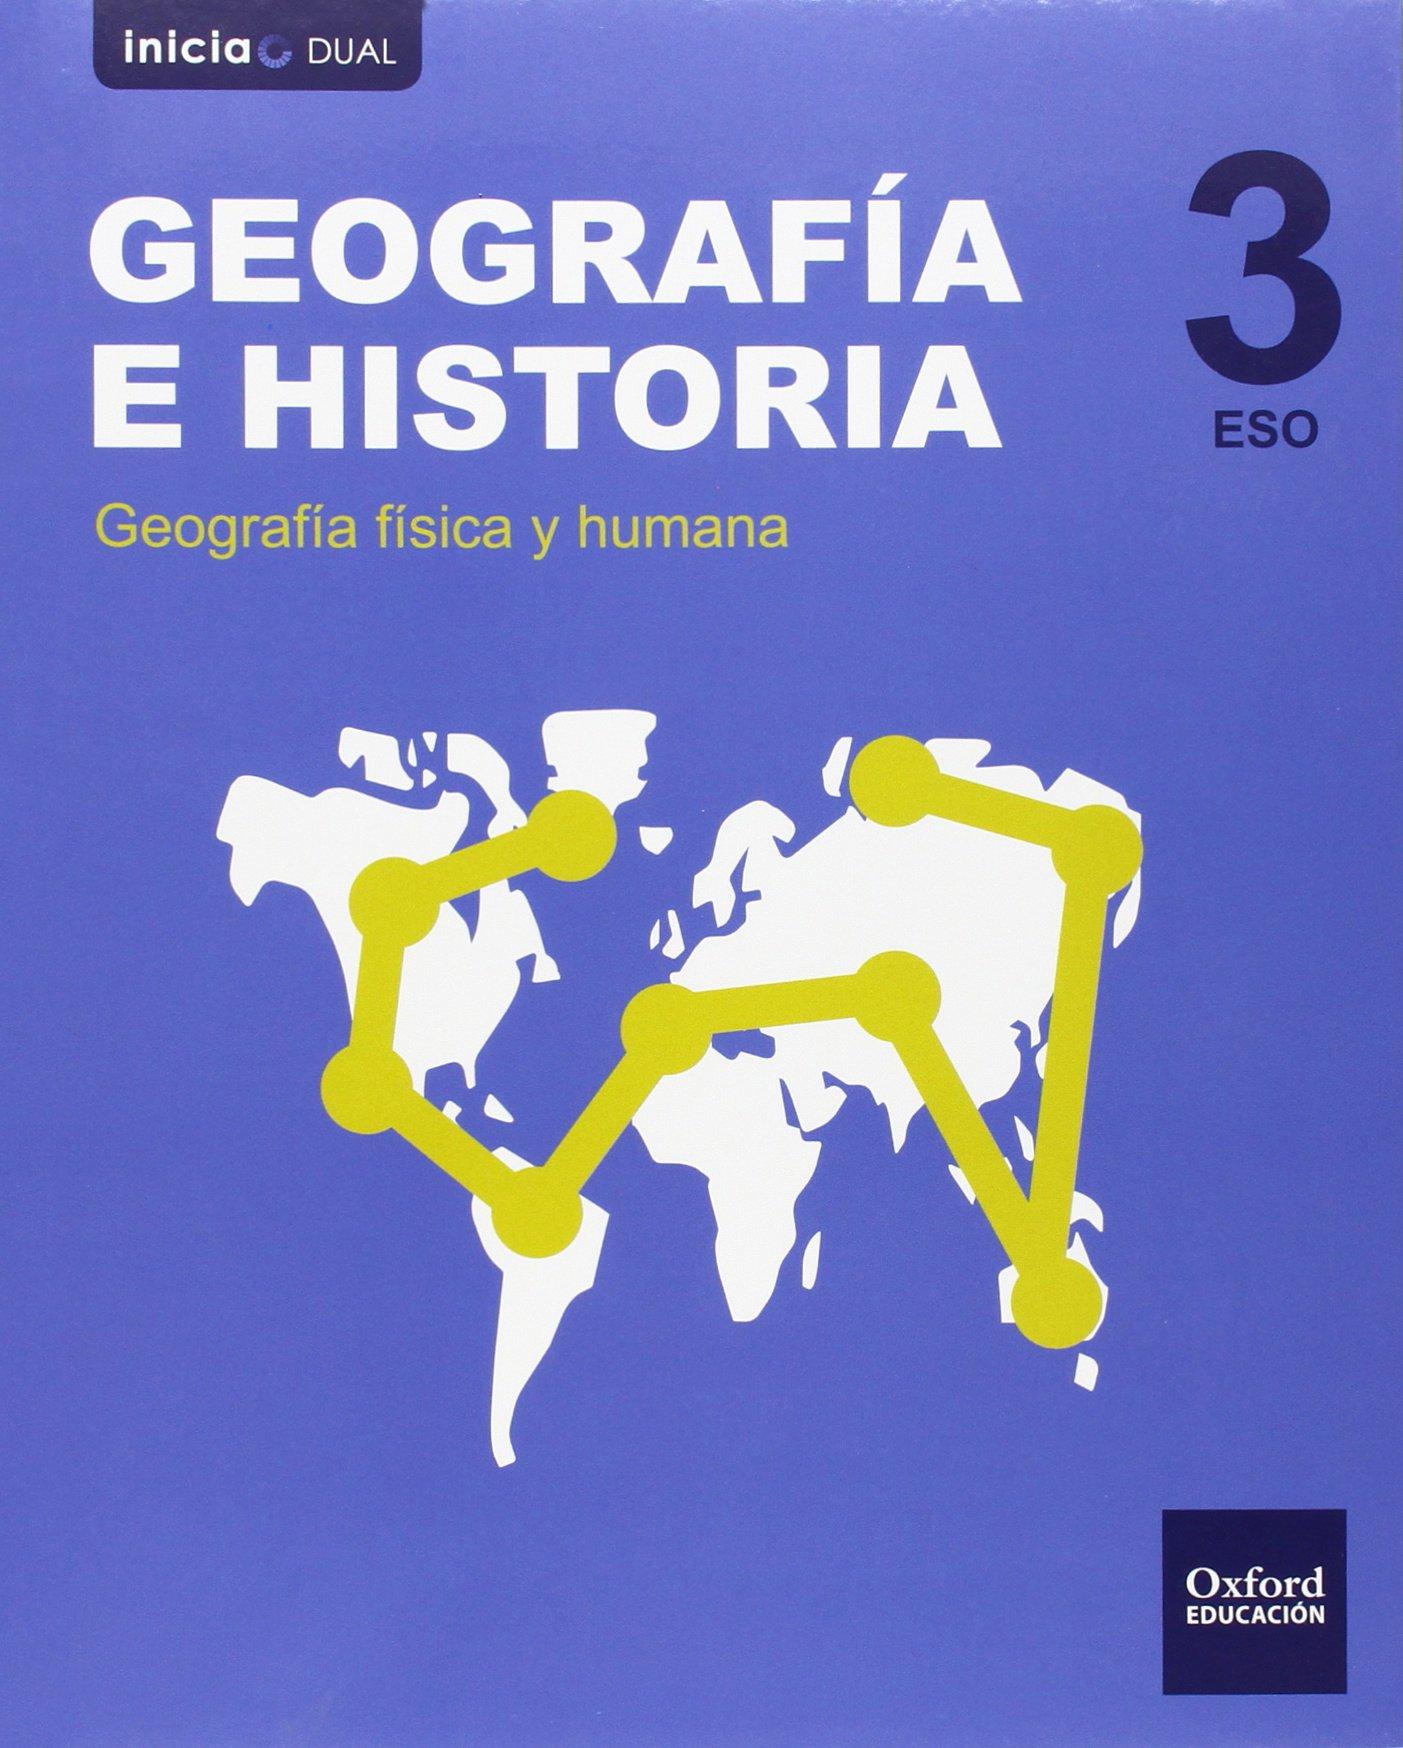 Solucionario Geografia e Historia 3 ESO Oxford